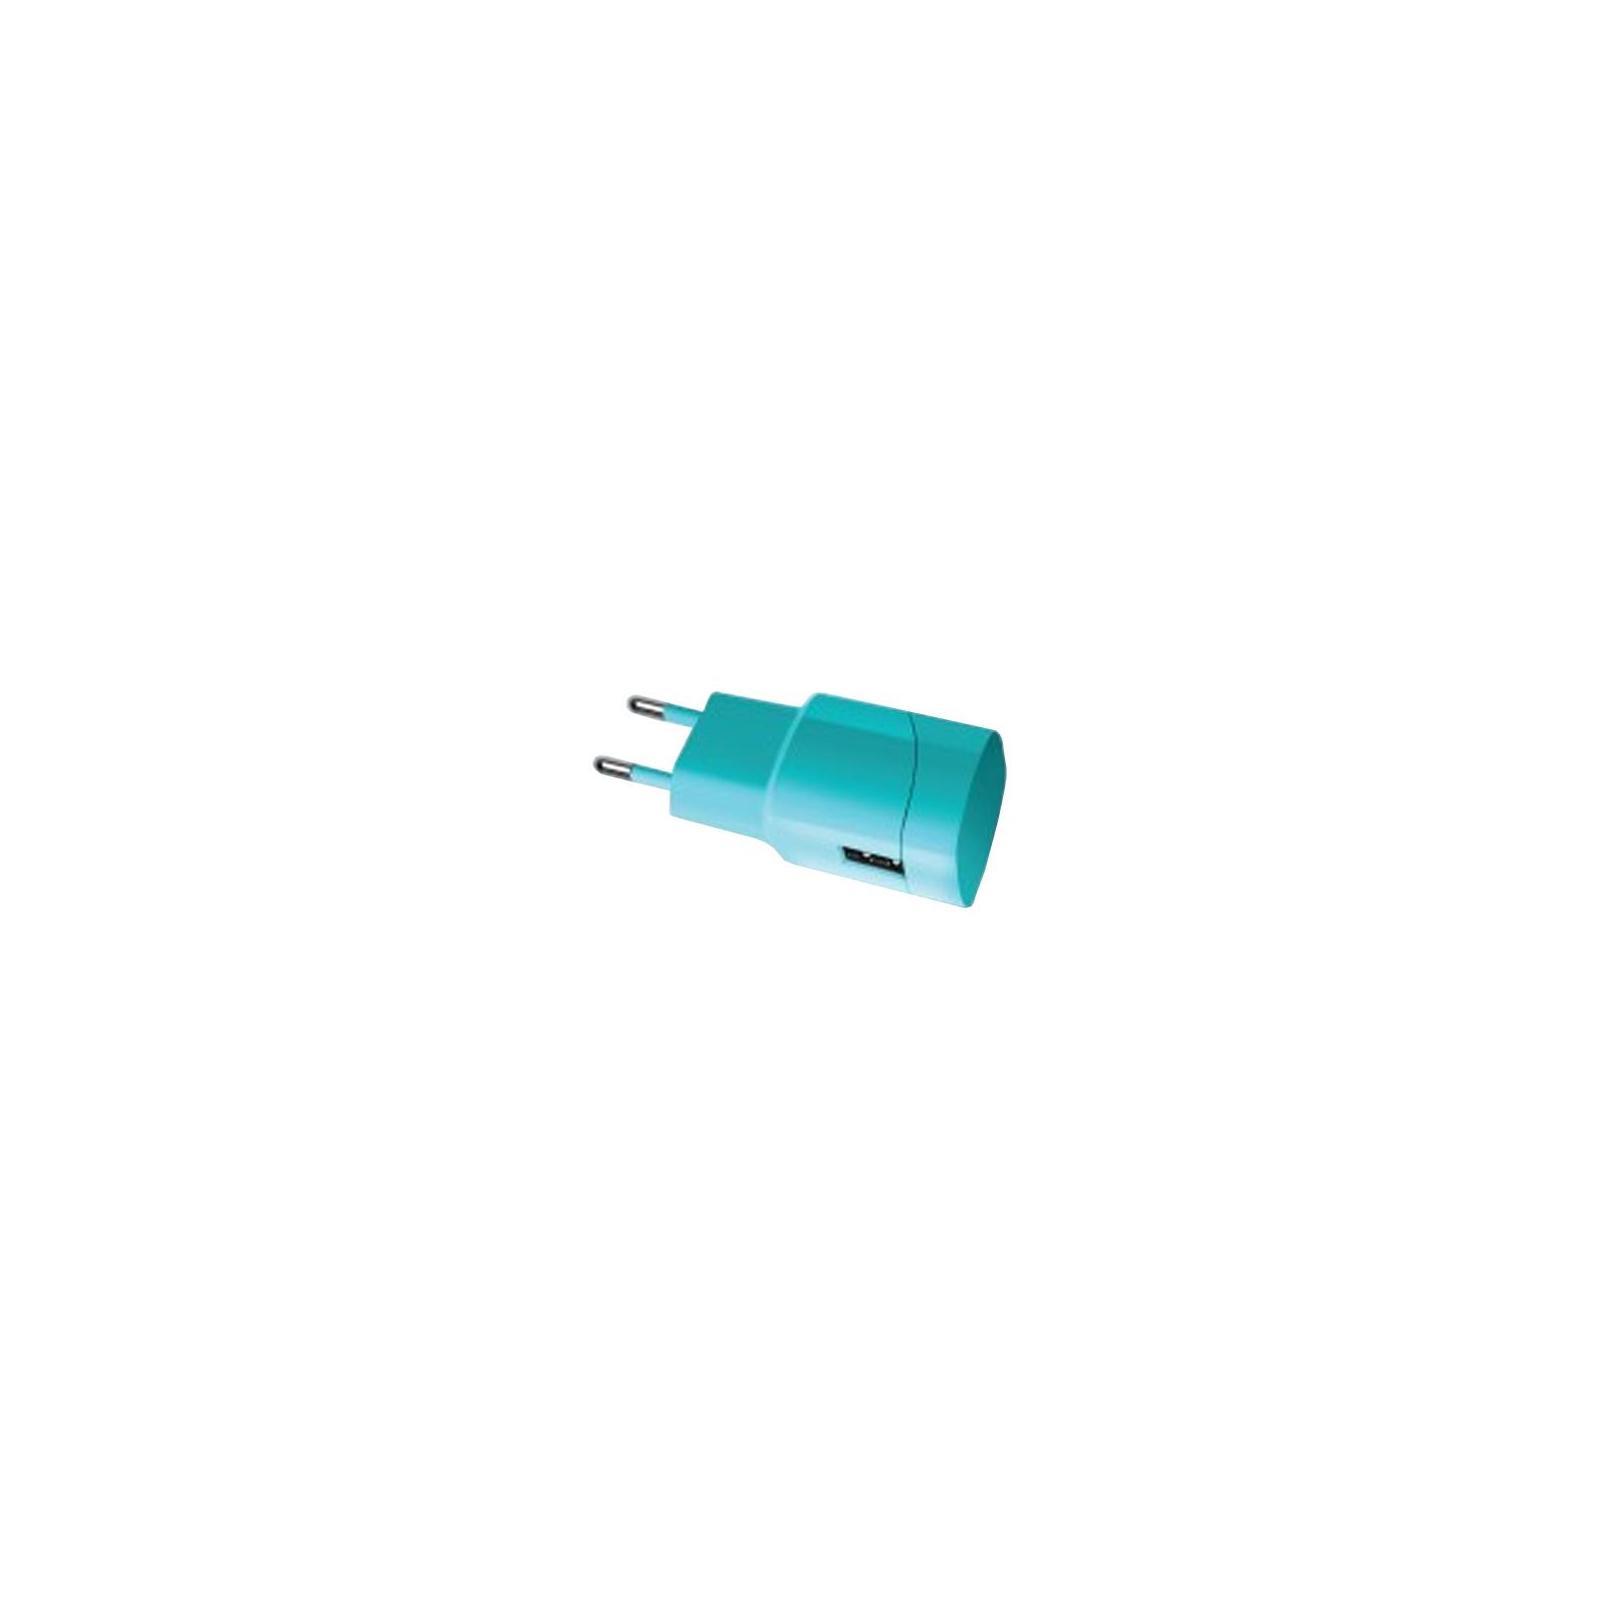 Зарядное устройство Florence USB, 1.0A aquamarin color (FW-1U010A)